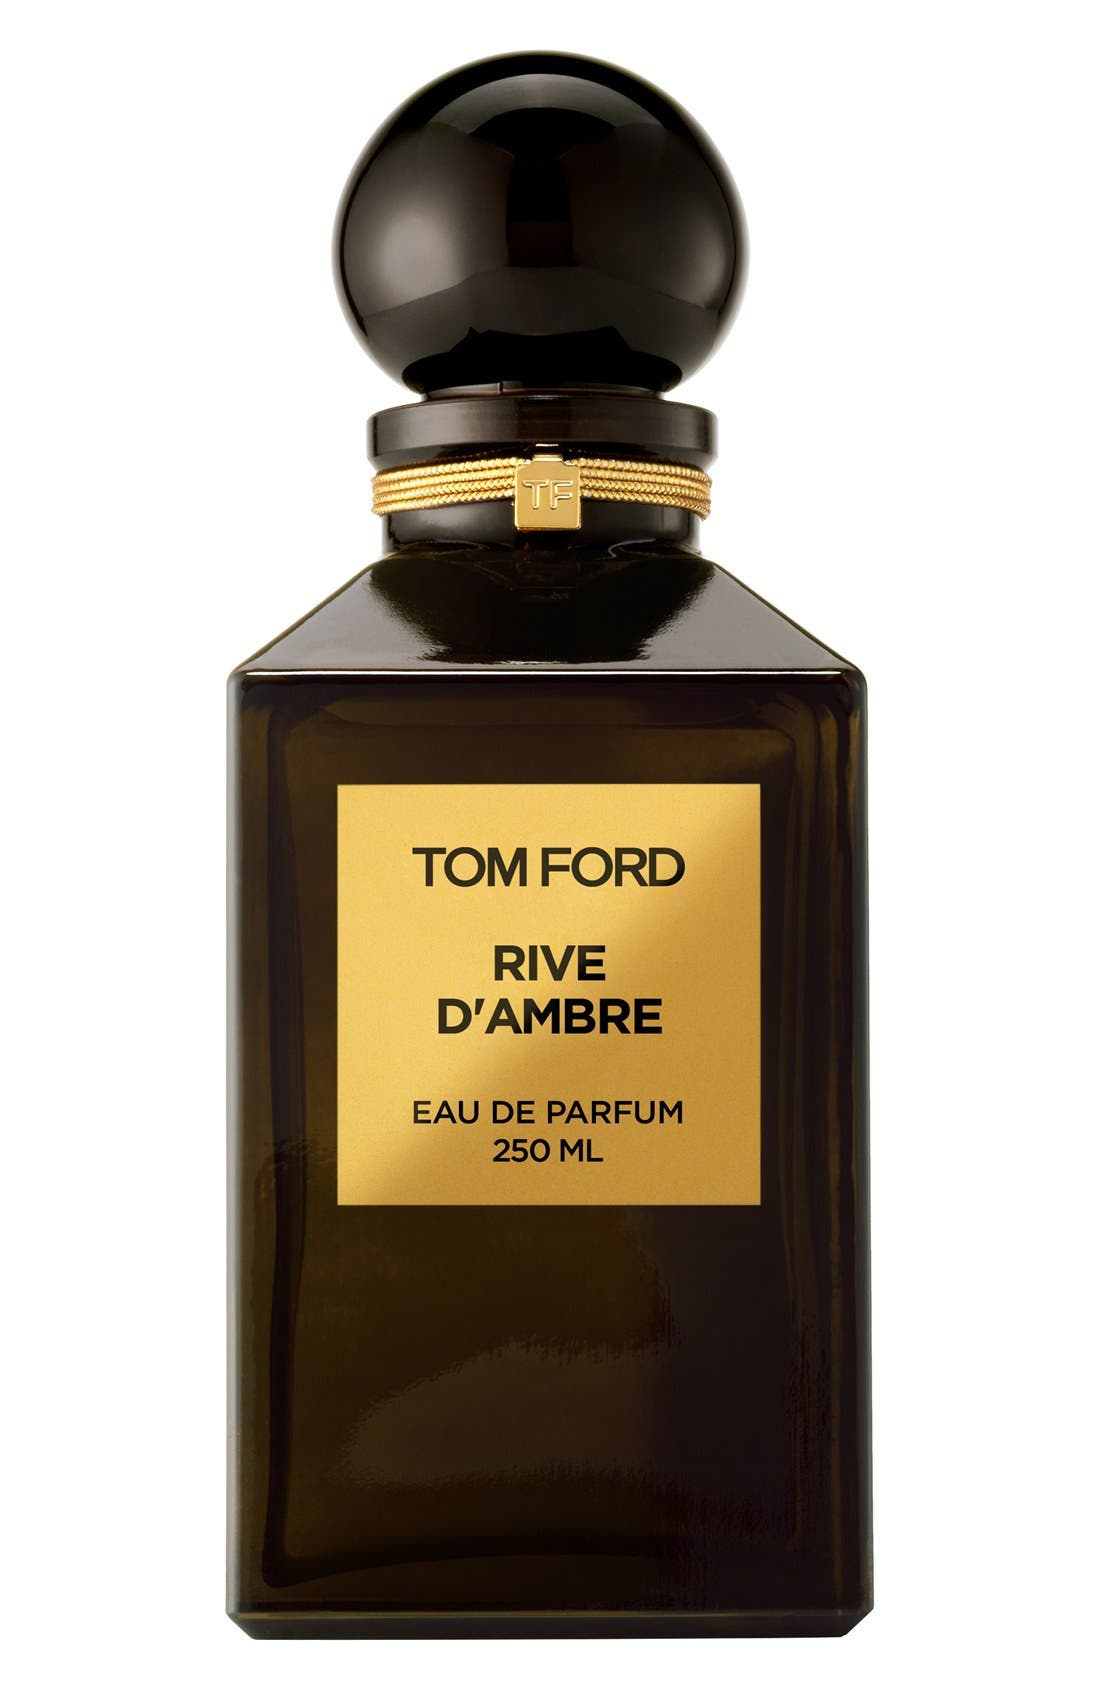 Tom Ford Private Blend Rive d'Ambre Eau de Parfum Decanter